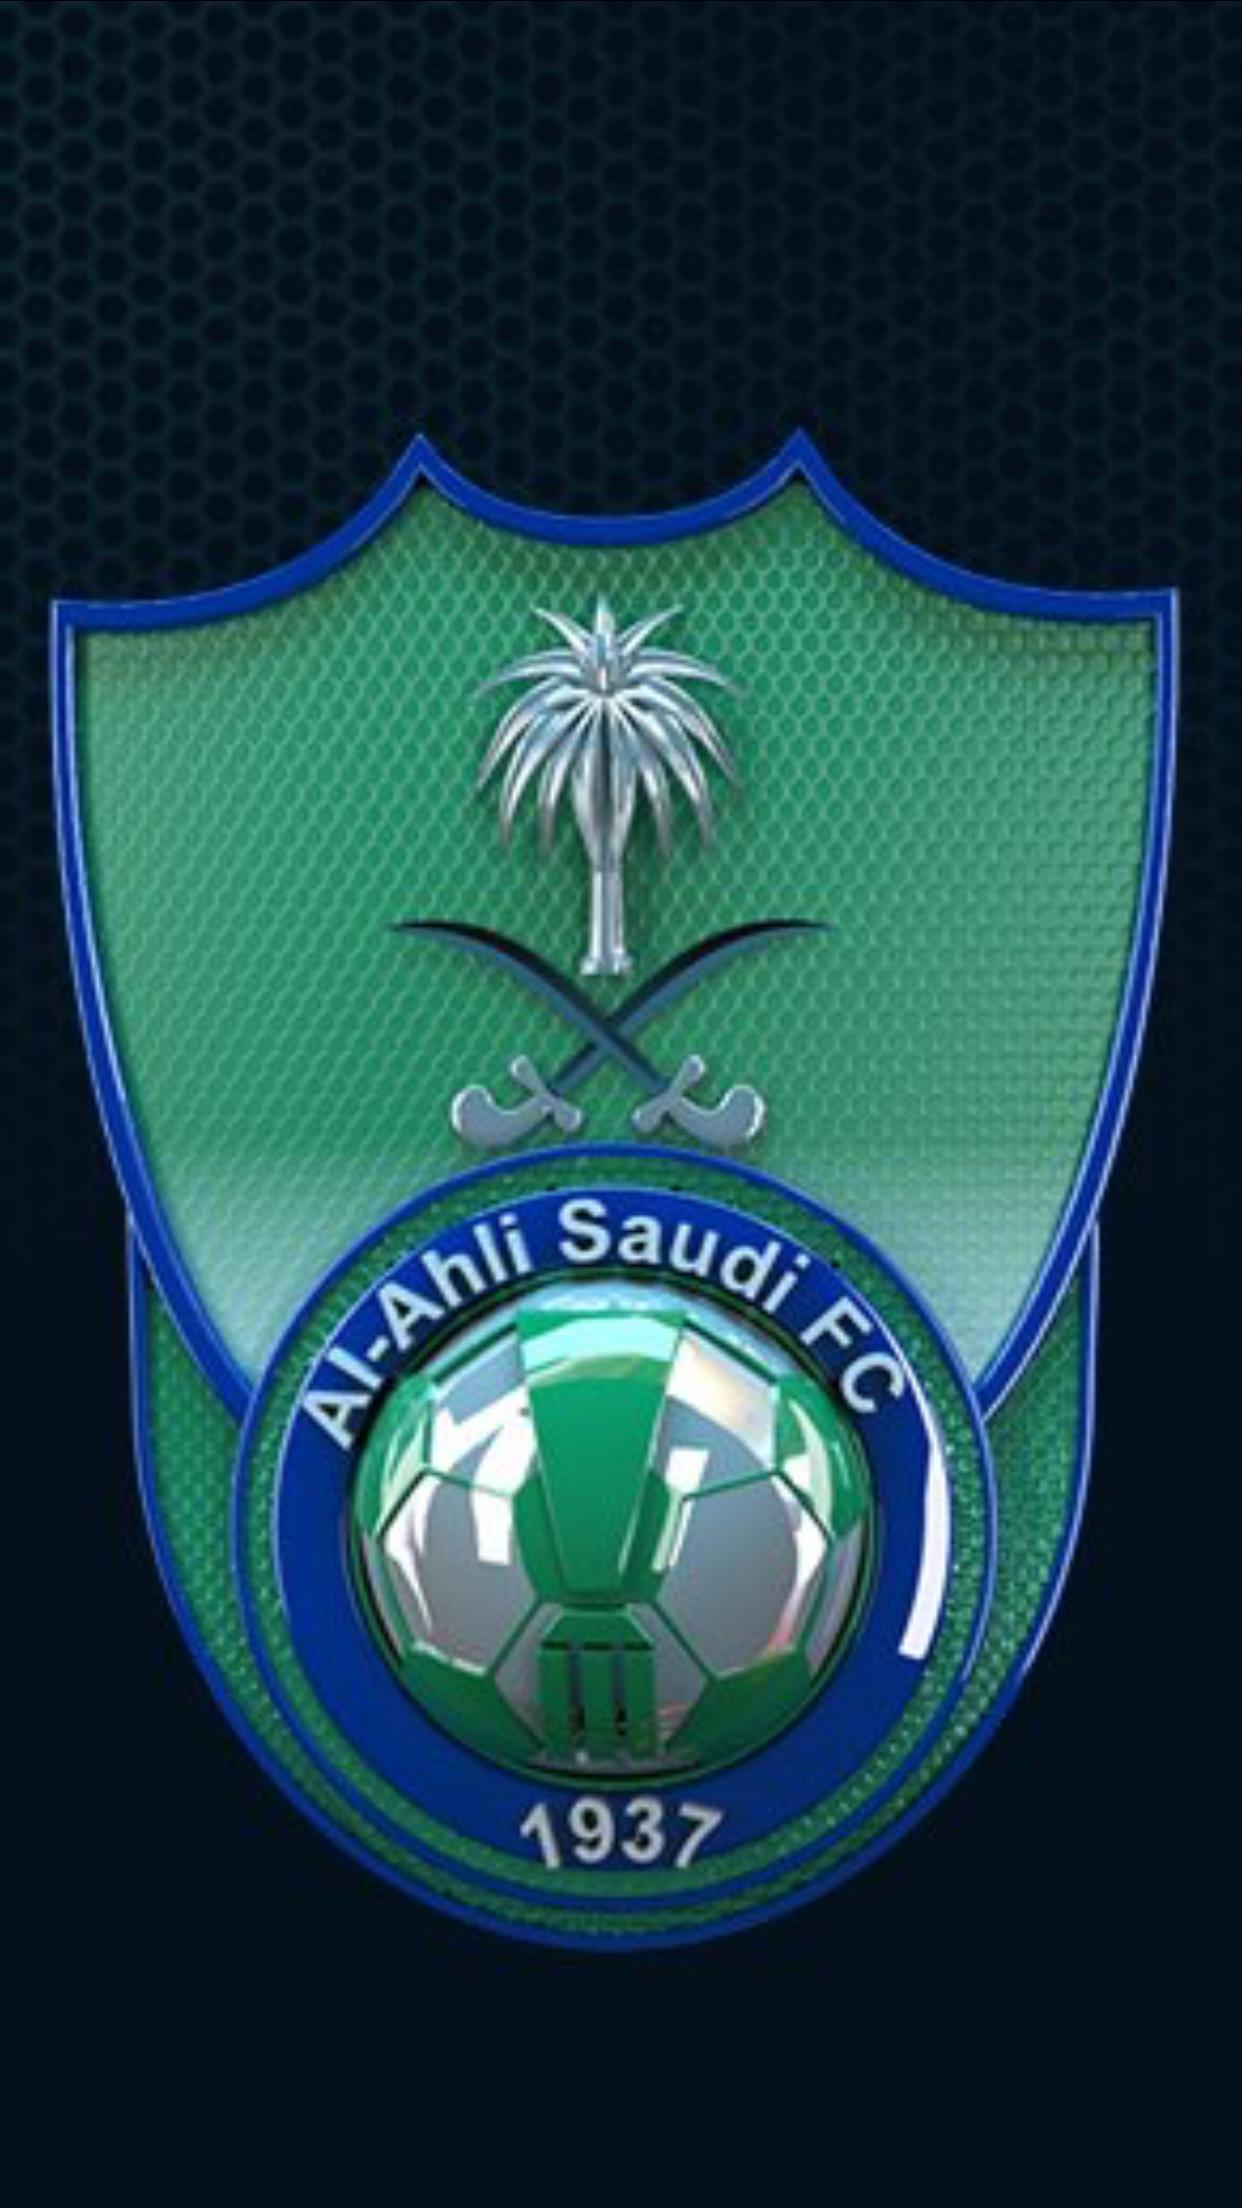 Pin On Al Ahli Saudi Fc